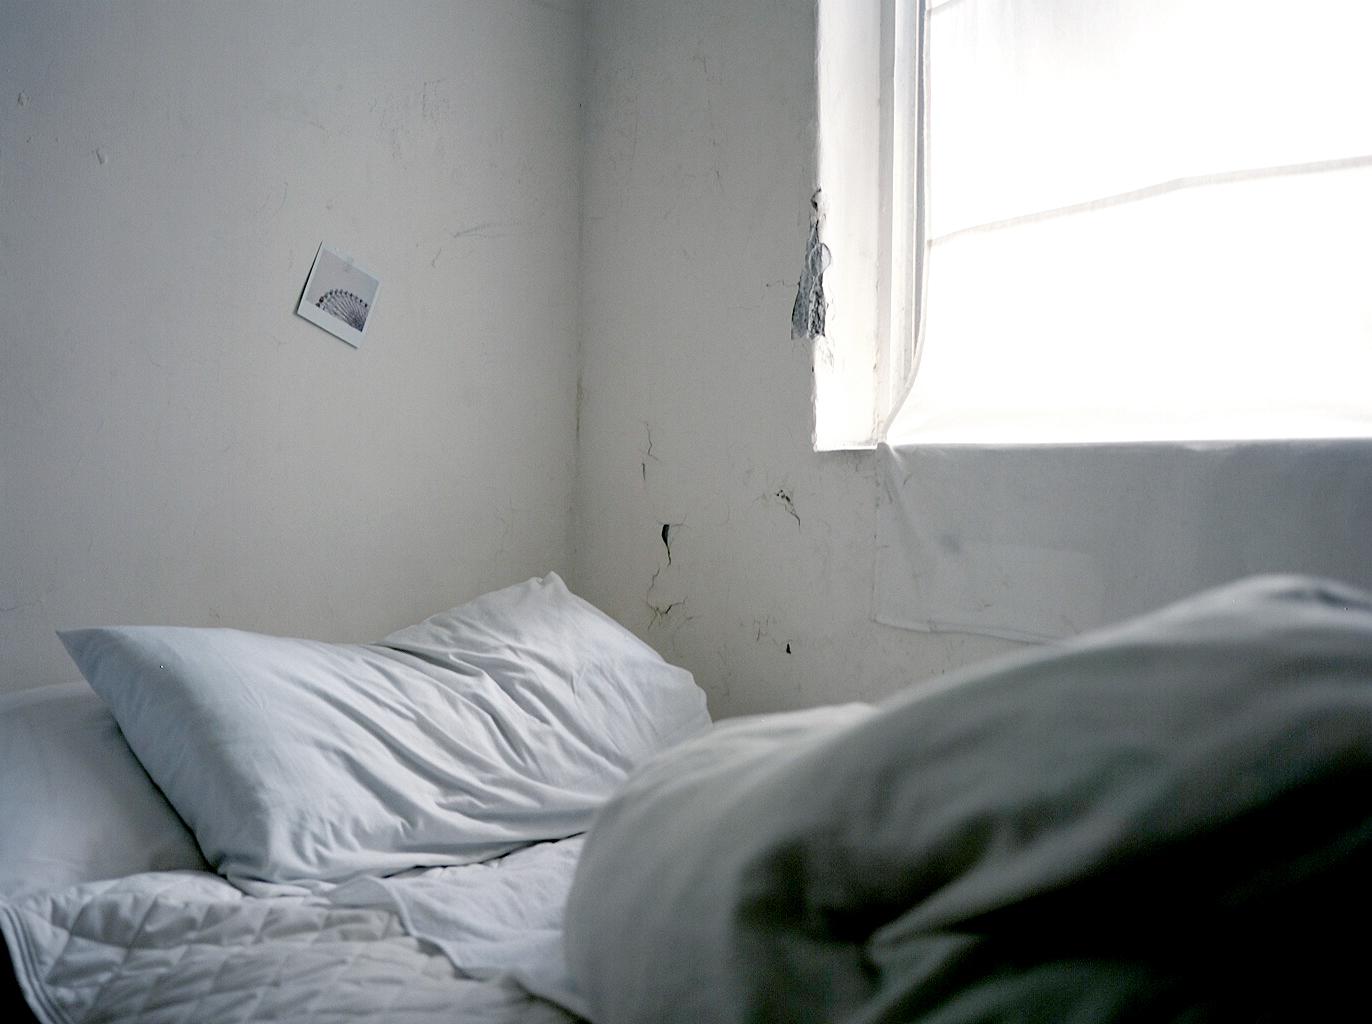 Hintergrundbilder : Zimmer, Schlafzimmer, Eigentum, Licht, Bett ...